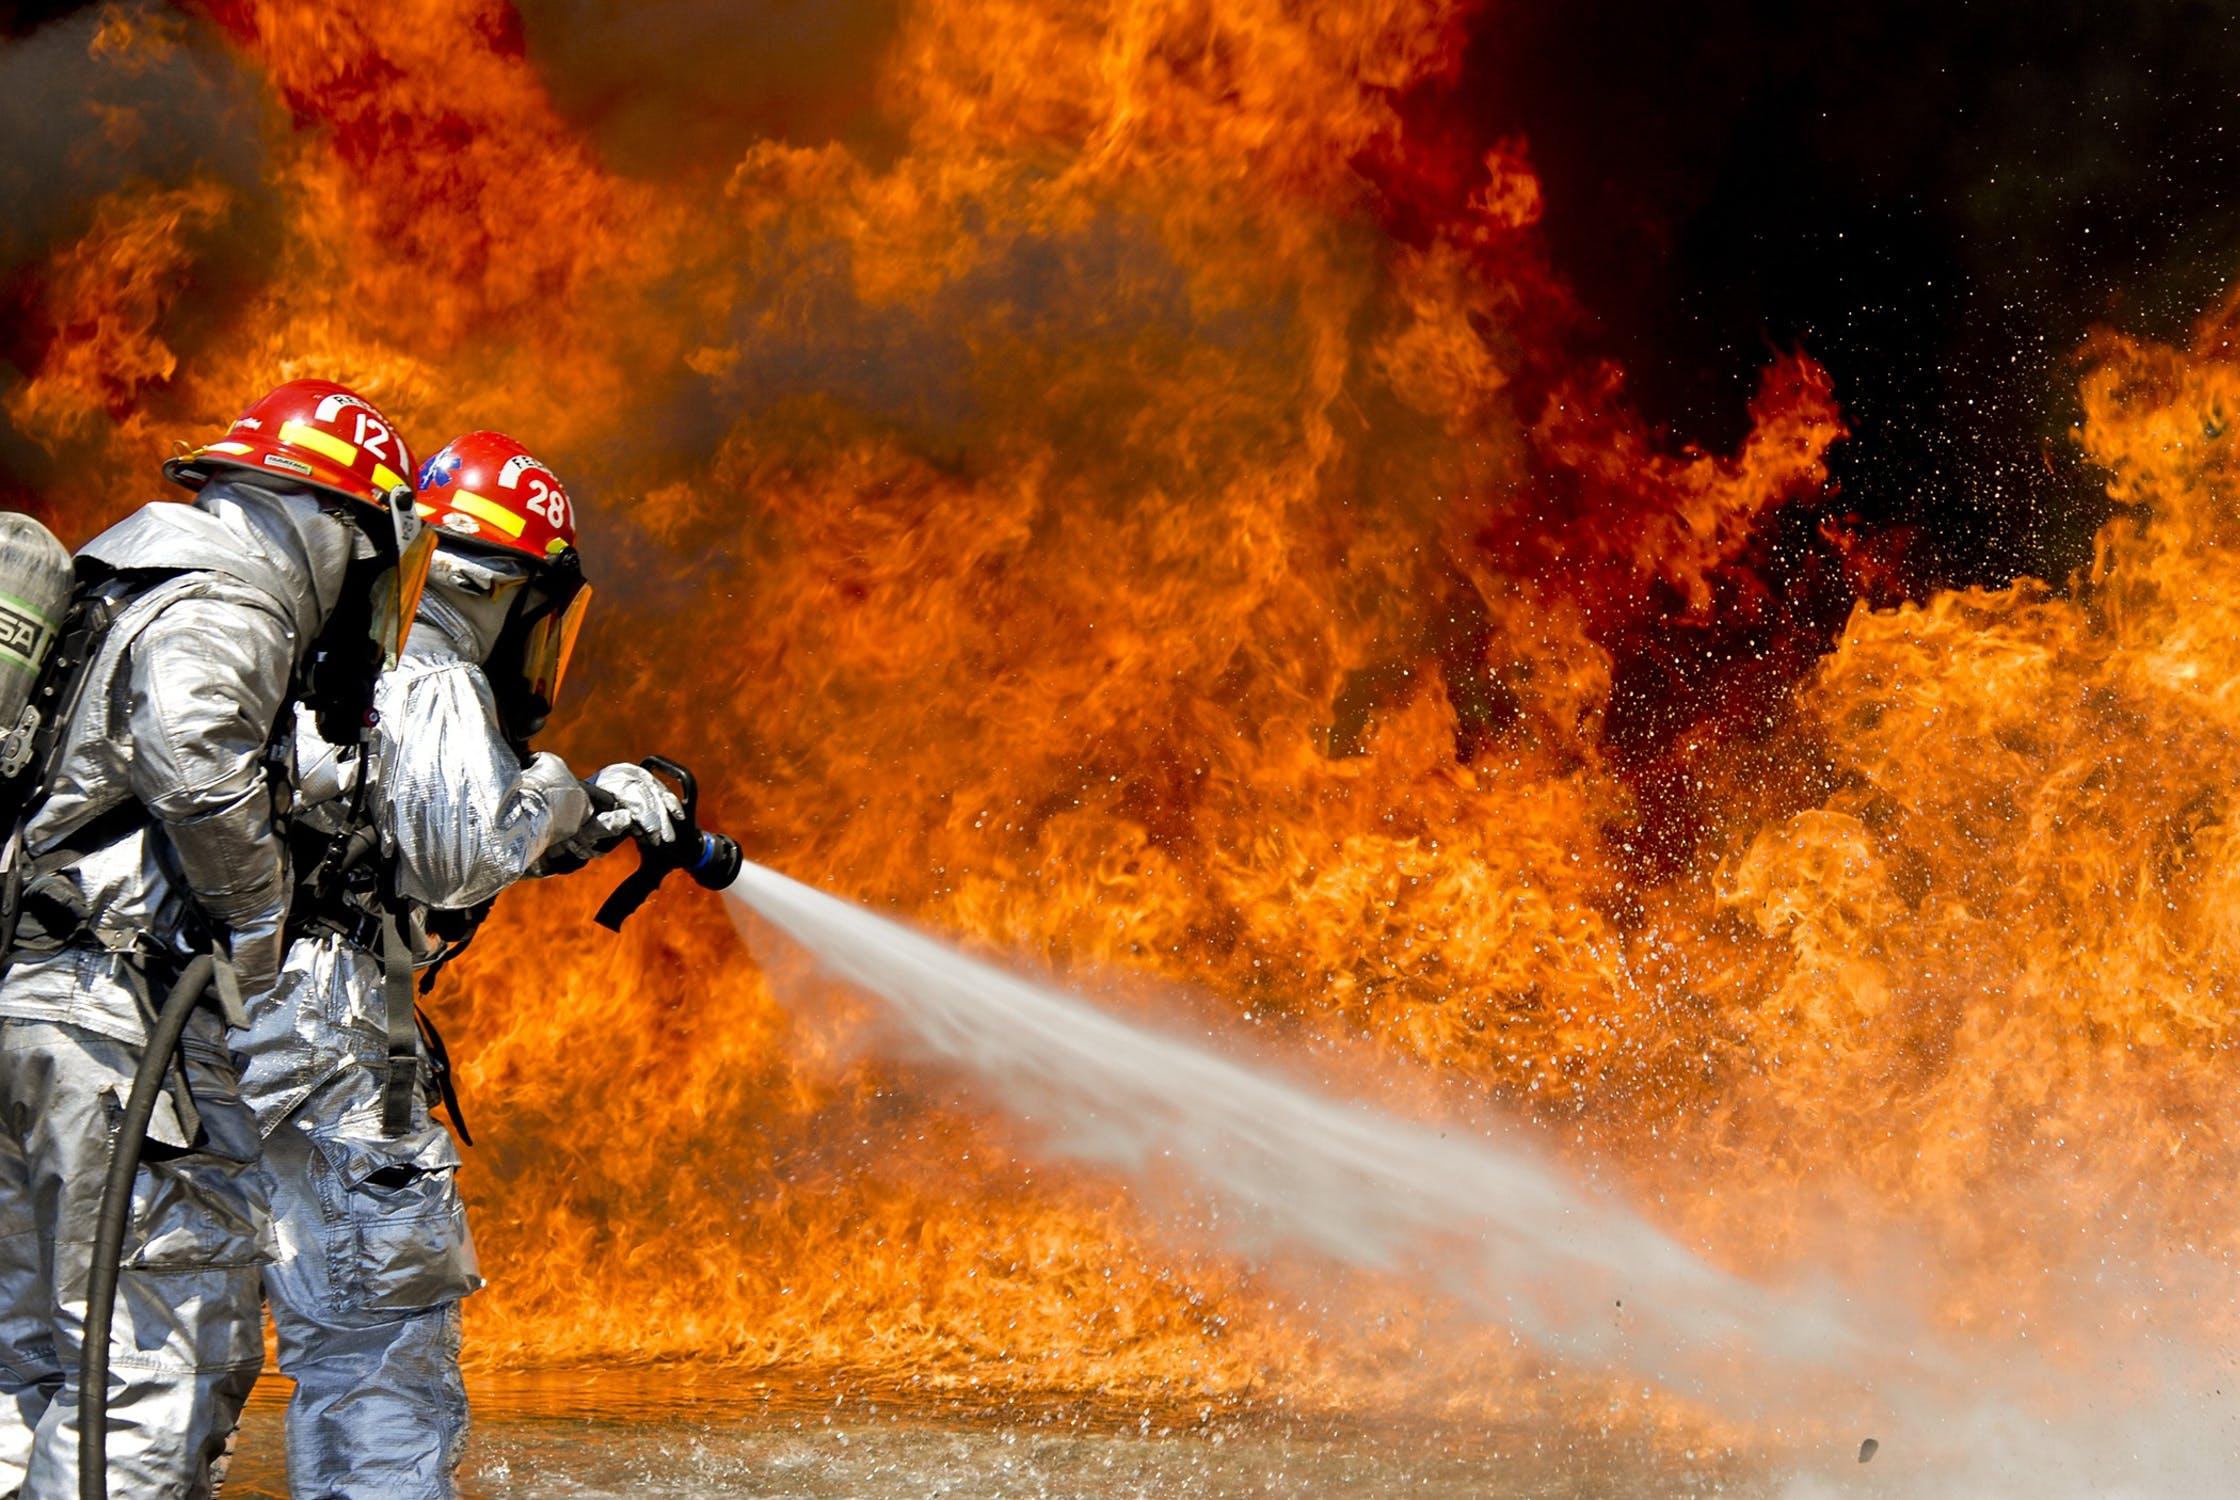 Alerte rouge pour températures extrêmes et risque d'incendies dans 13 districts au Portugal